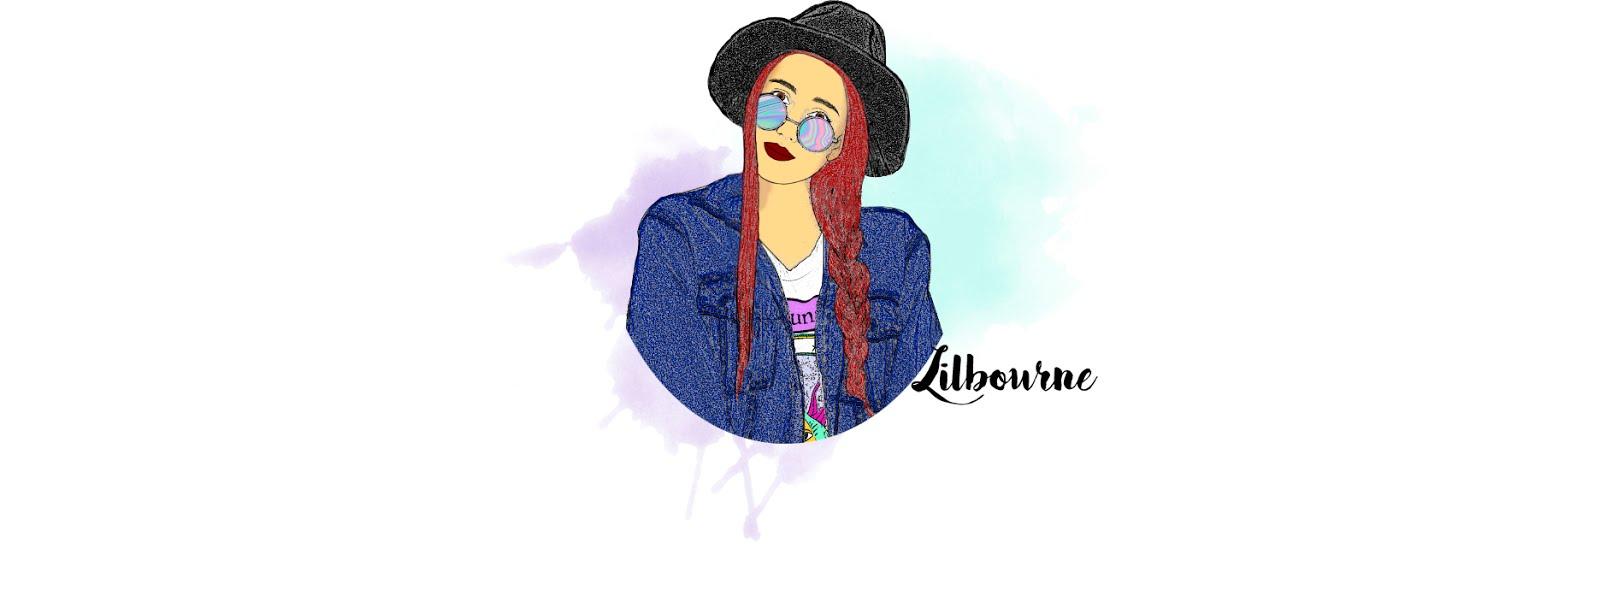 Lilbourne